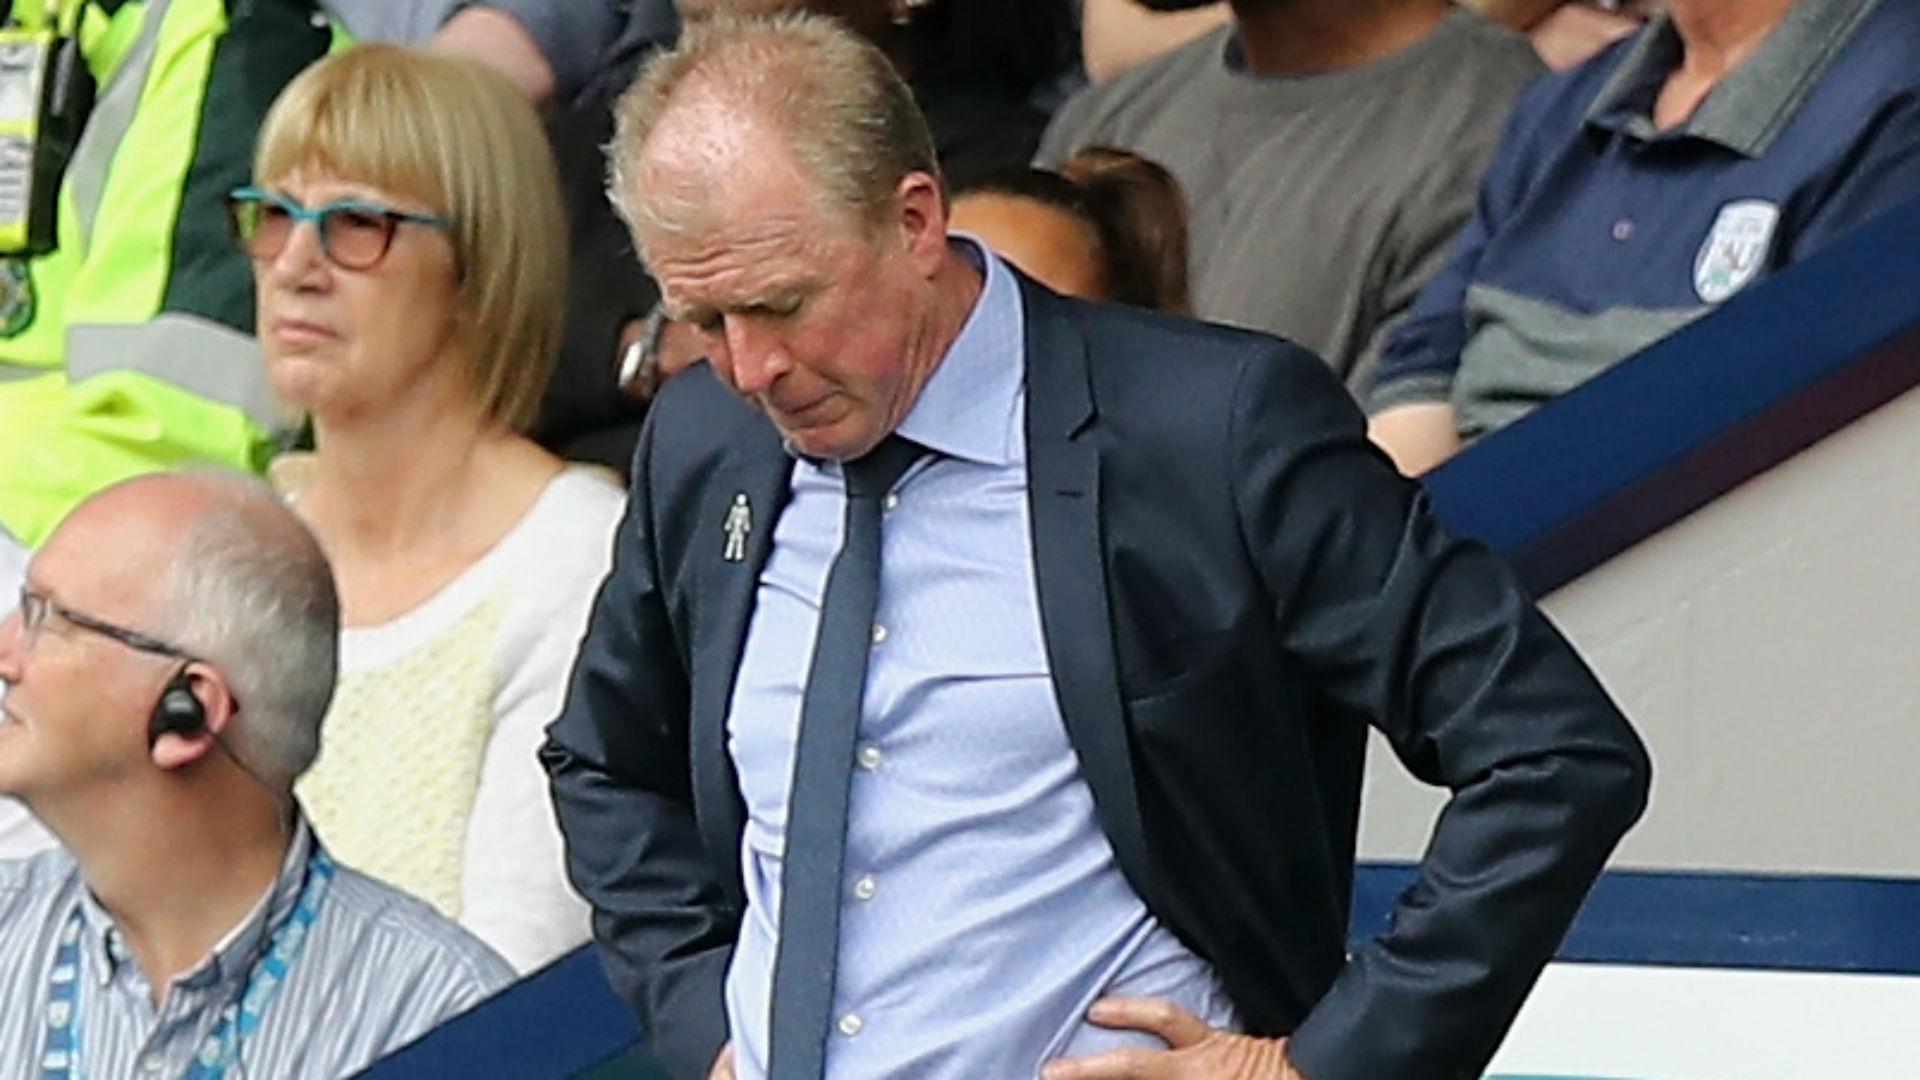 McClaren defiant amid QPR woes